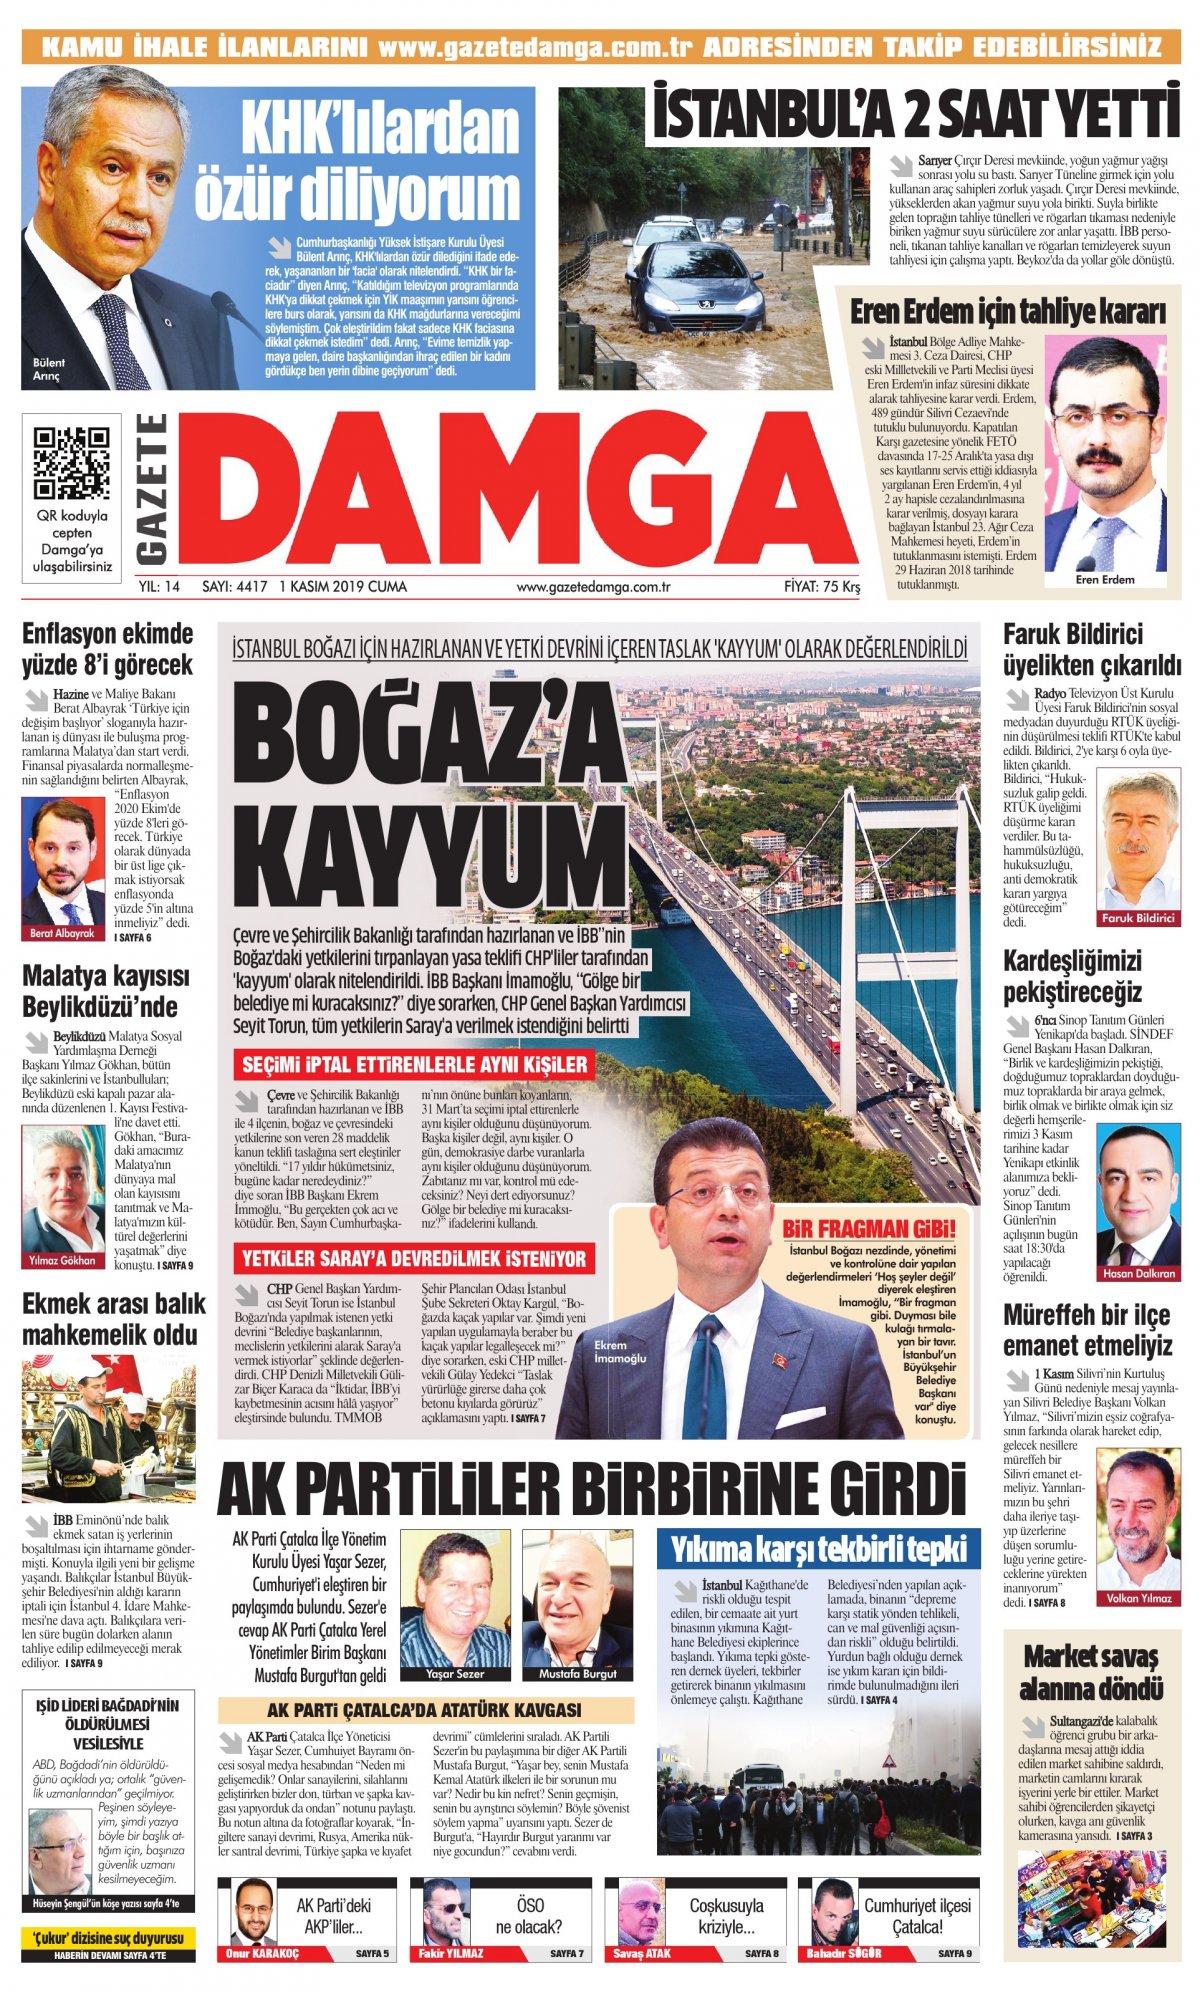 Gazete Damga - 01.11.2019 Sayfaları